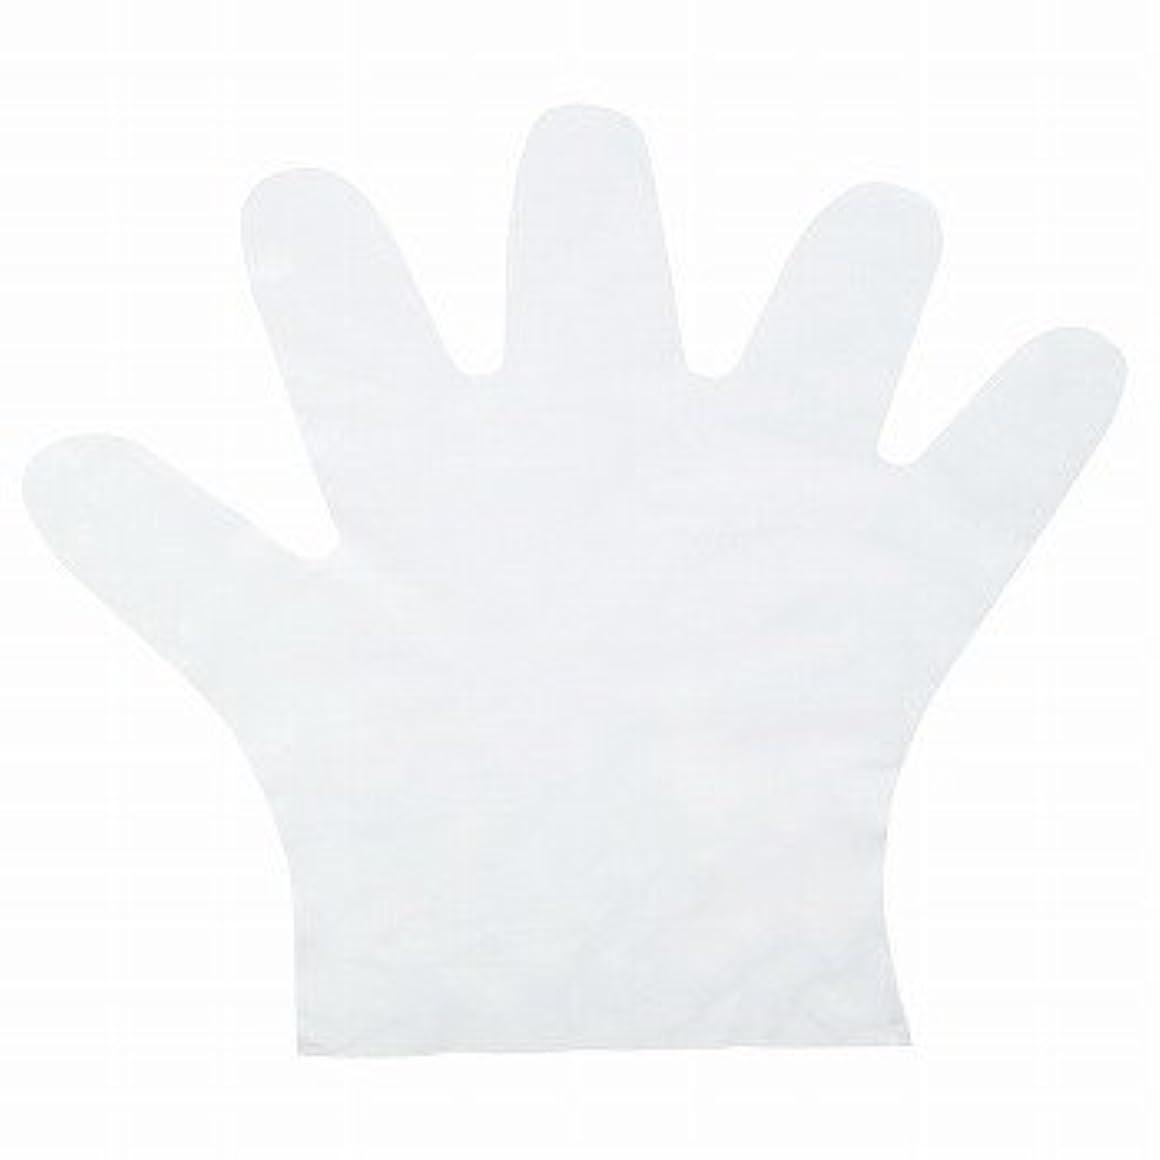 知り合いになる学校の先生みすぼらしいおたふく手袋/ポリエチディスポ(LD) [100枚入]/品番:248 サイズ:M